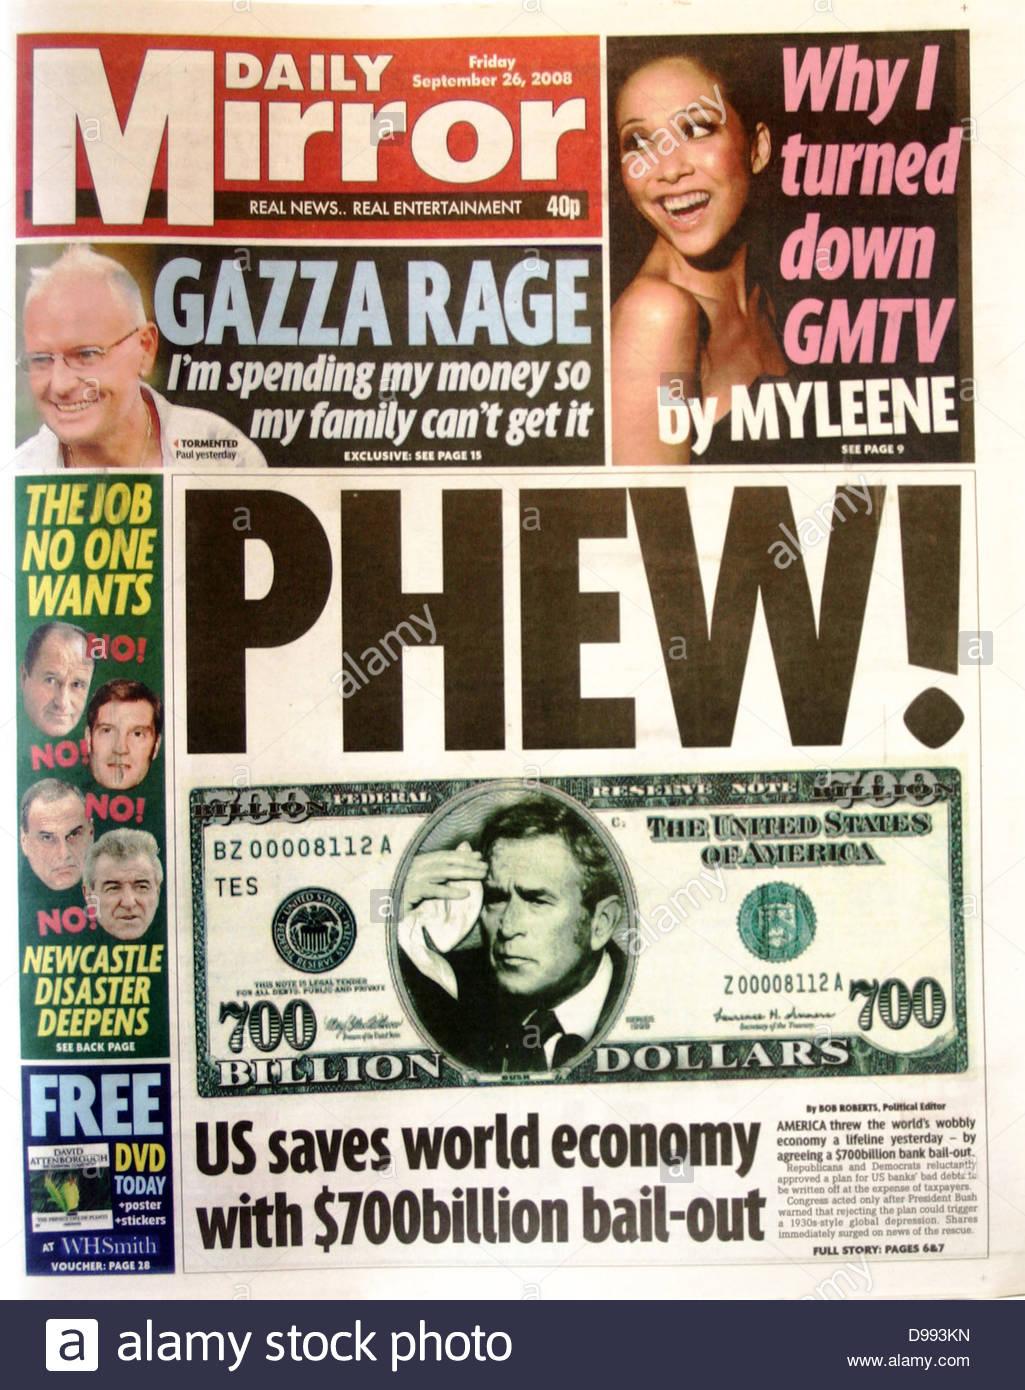 """Titelseite der Zeitung """"The Mirror"""" 26. September 2008. Lead Story ist der Zusammenbruch der Börse Stockbild"""